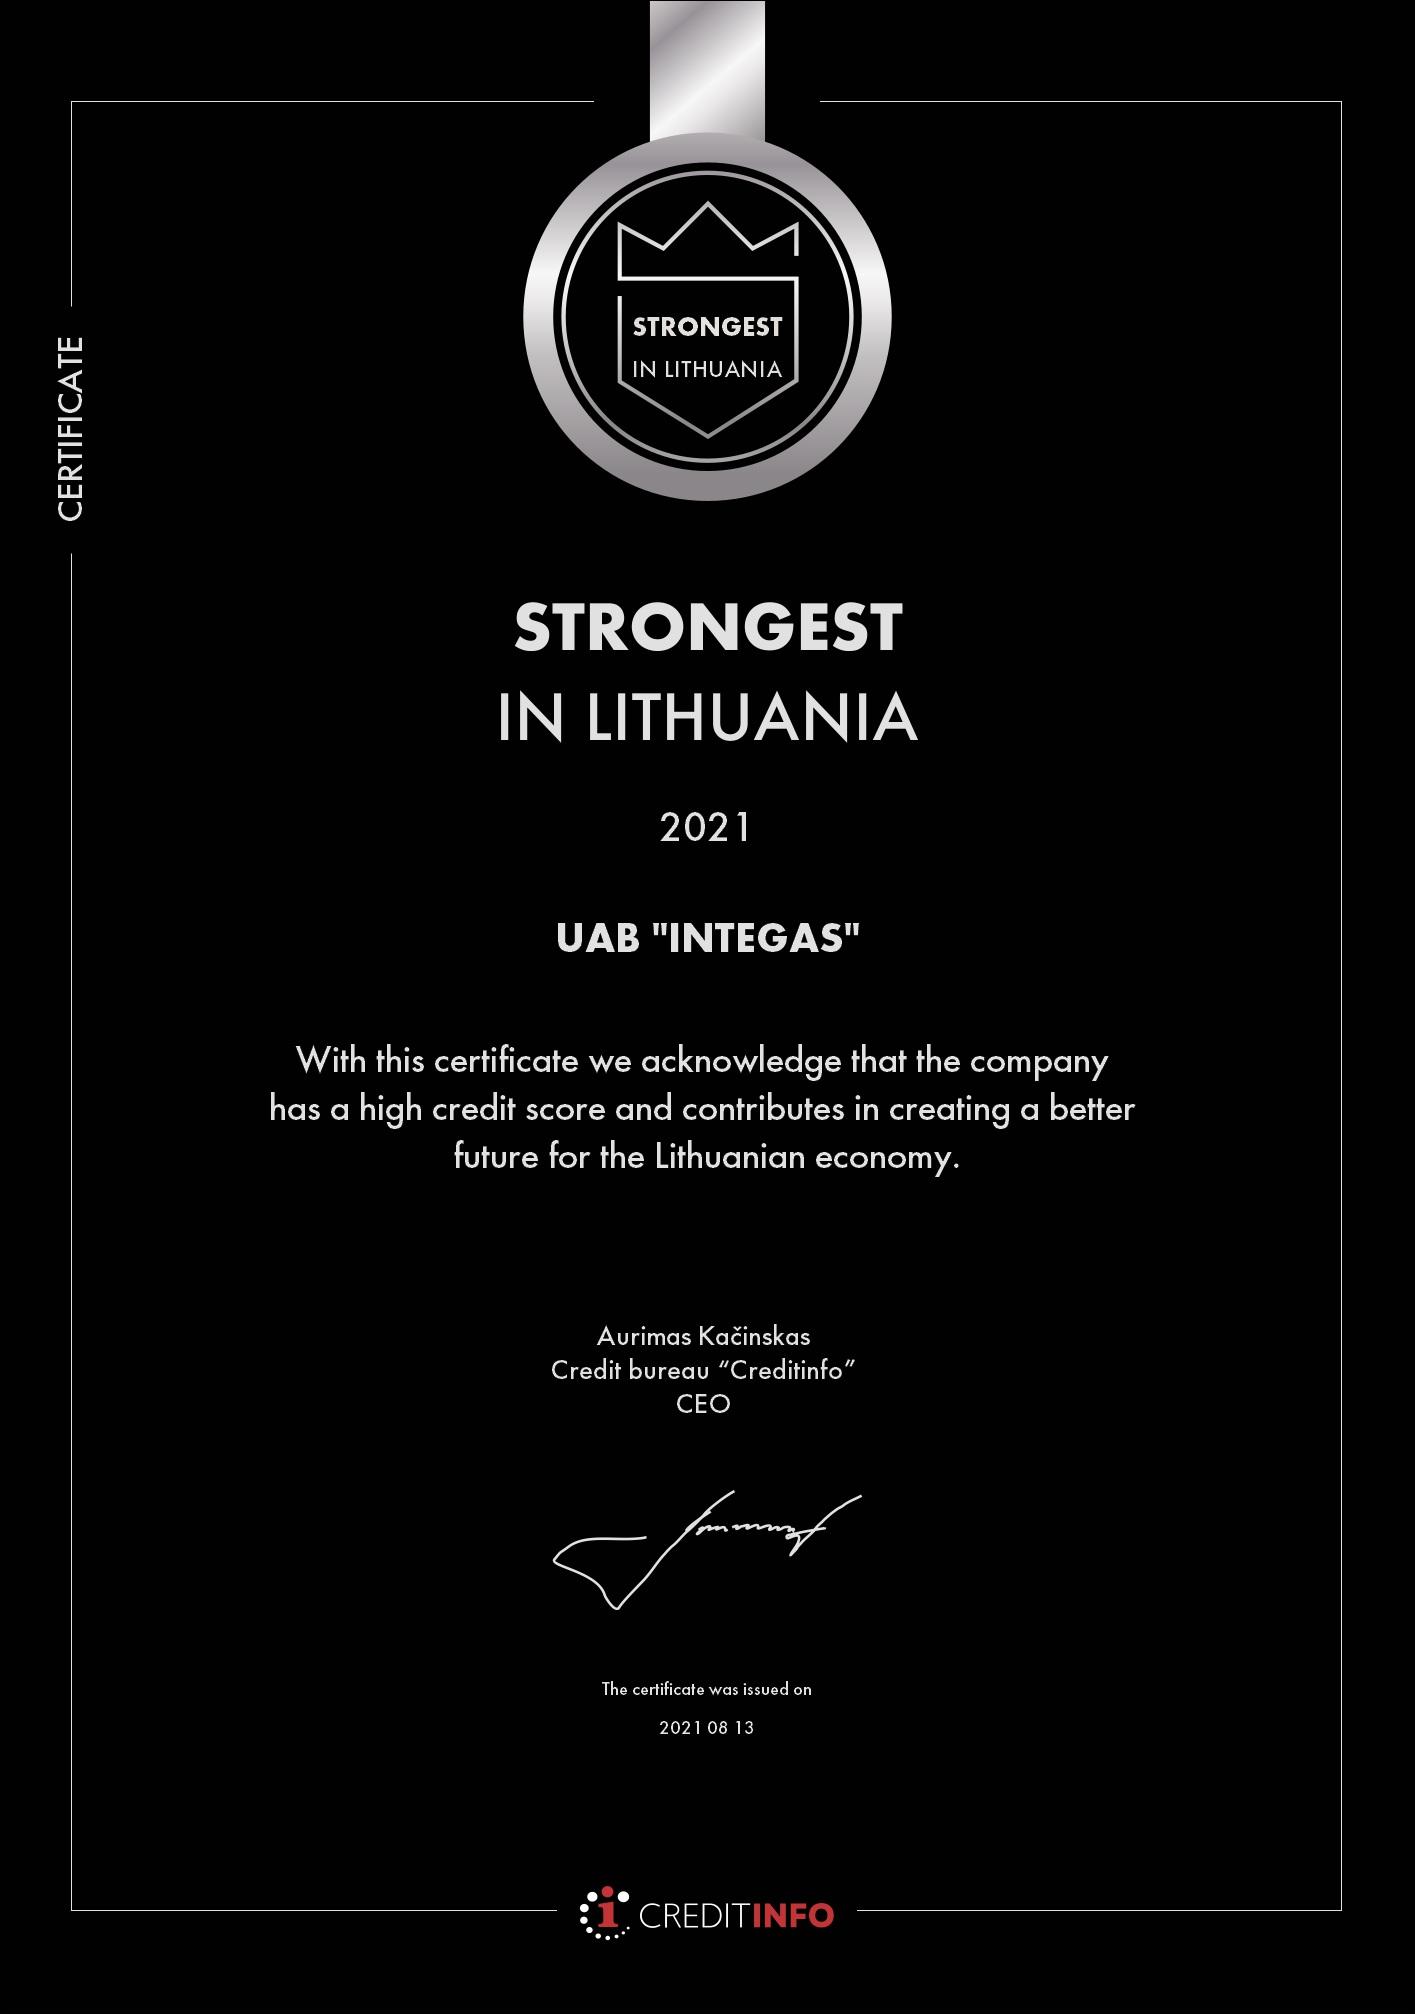 Esame stipriausi Lietuvoje 2021